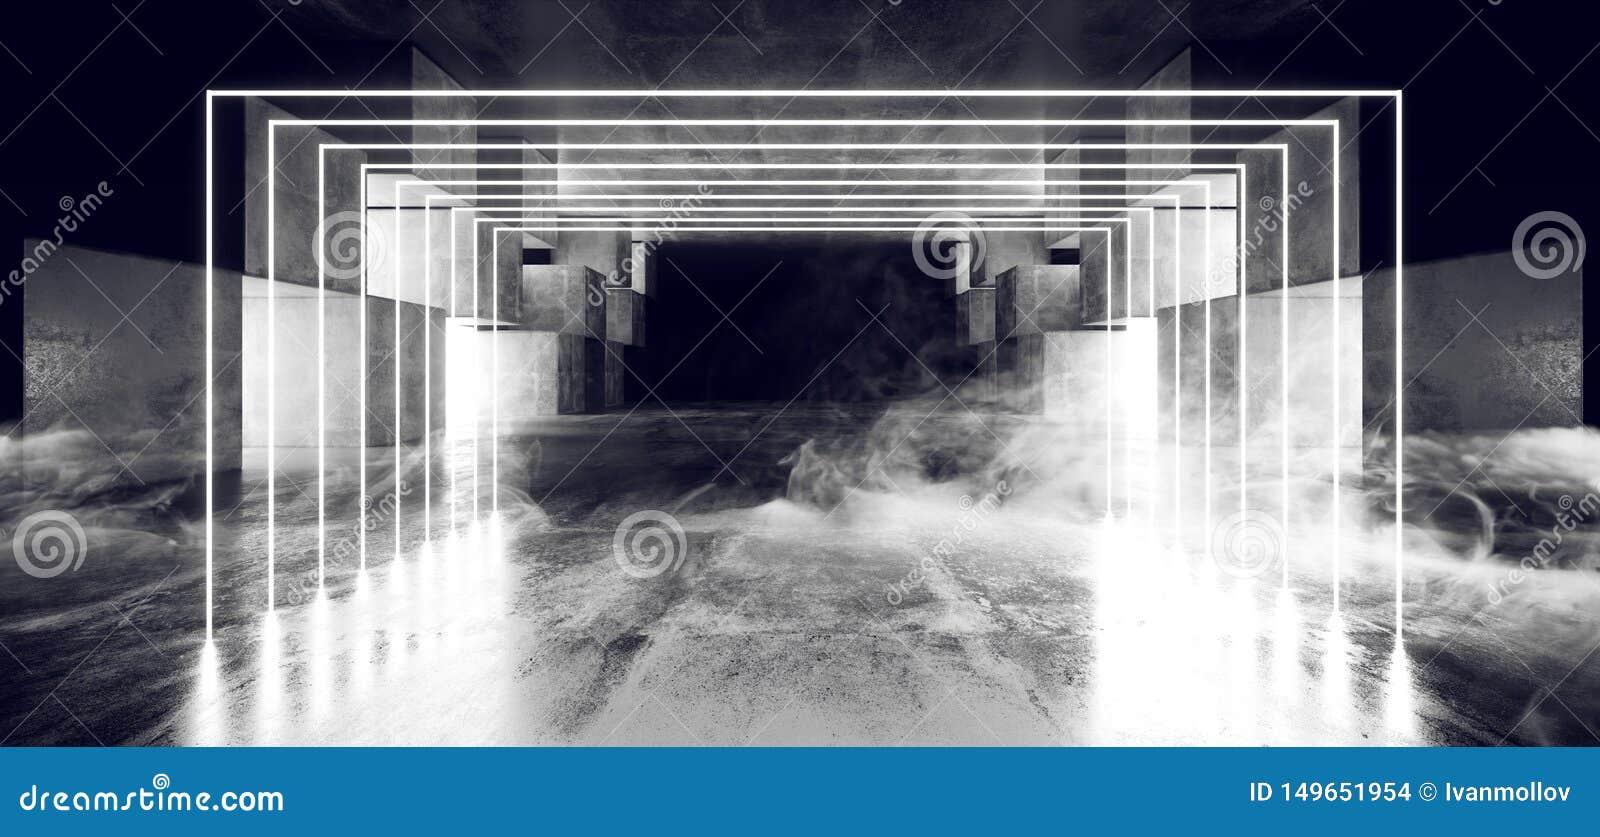 抽未来霓虹灯图表发光的白色真正科学幻想小说未来派隧道演播室阶段建筑车库指挥台太空飞船